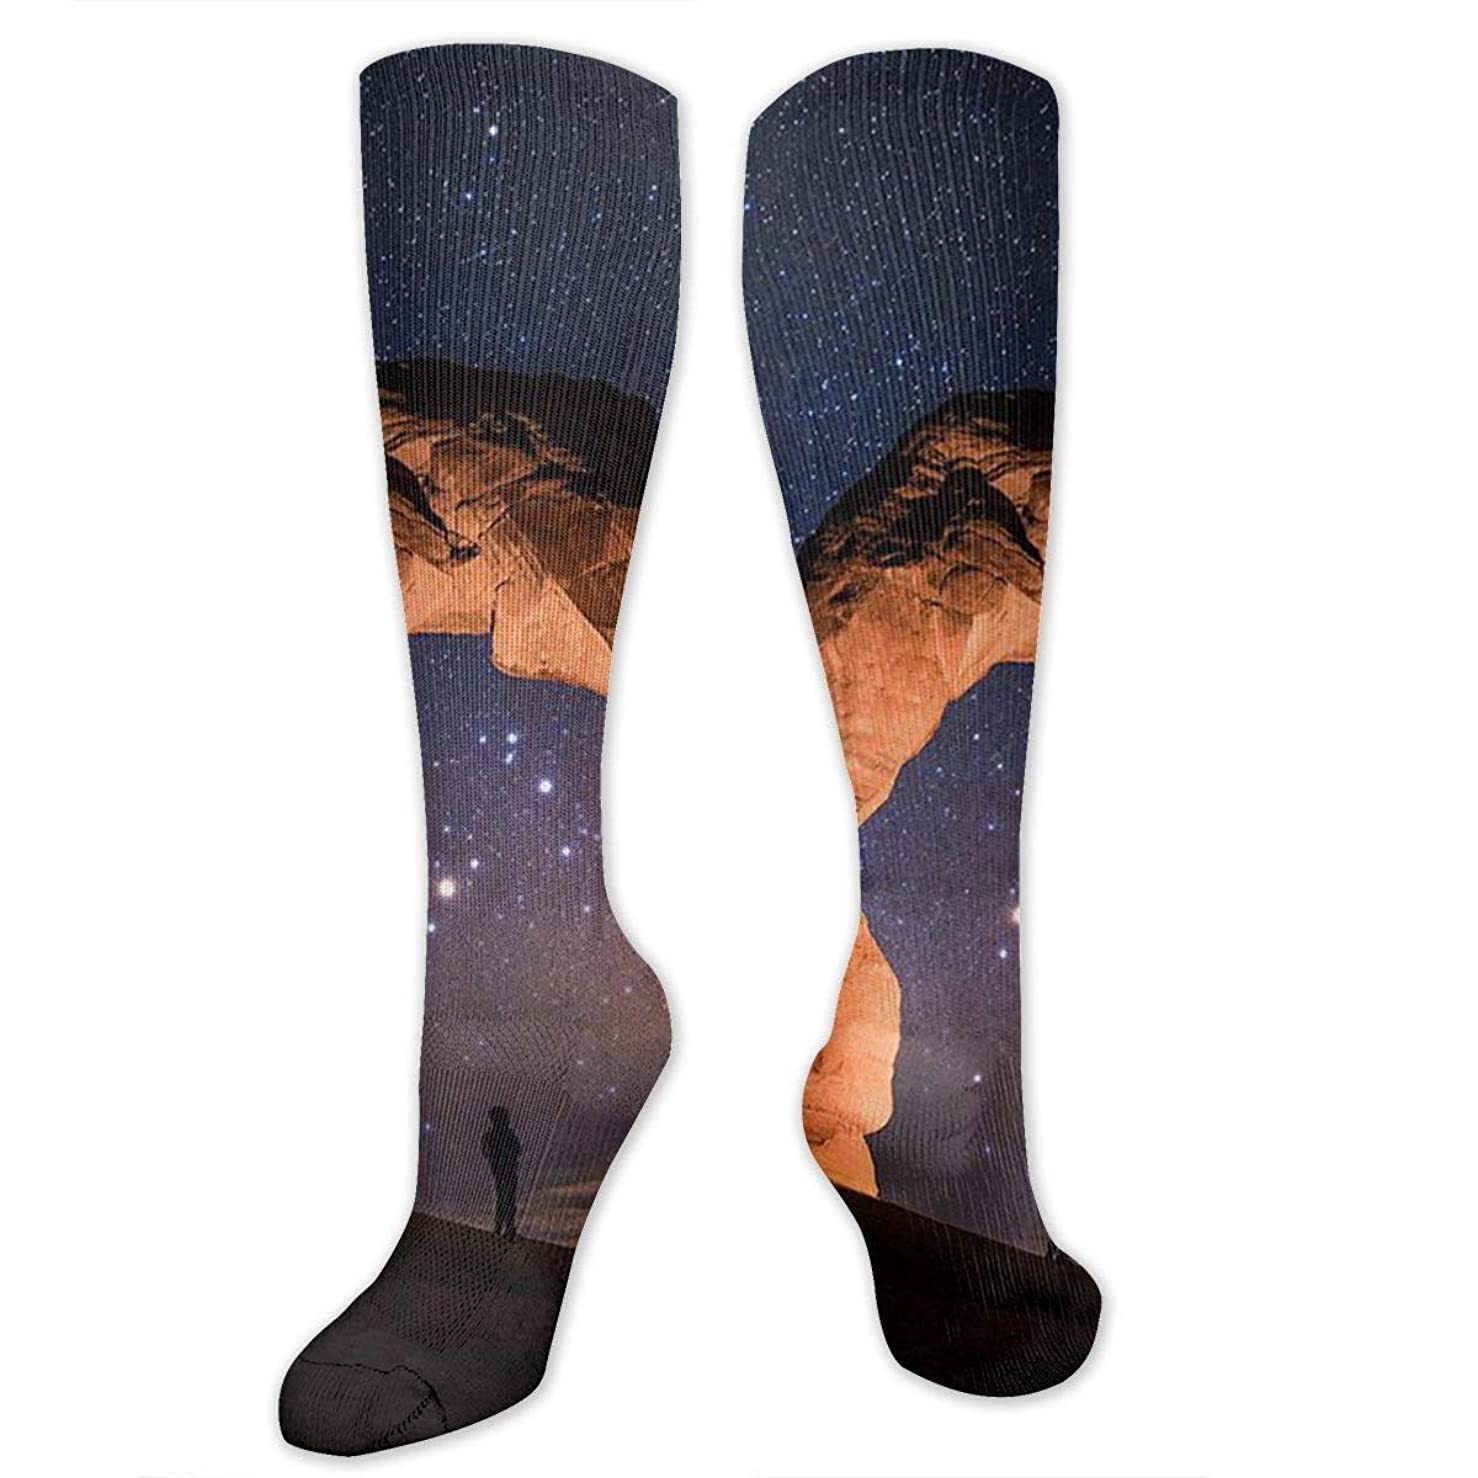 グレートバリアリーフディスコ支配的靴下,ストッキング,野生のジョーカー,実際,秋の本質,冬必須,サマーウェア&RBXAA Women's Winter Cotton Long Tube Socks Knee High Graduated Compression Socks Light Painting Starry Night Arches National Park Socks